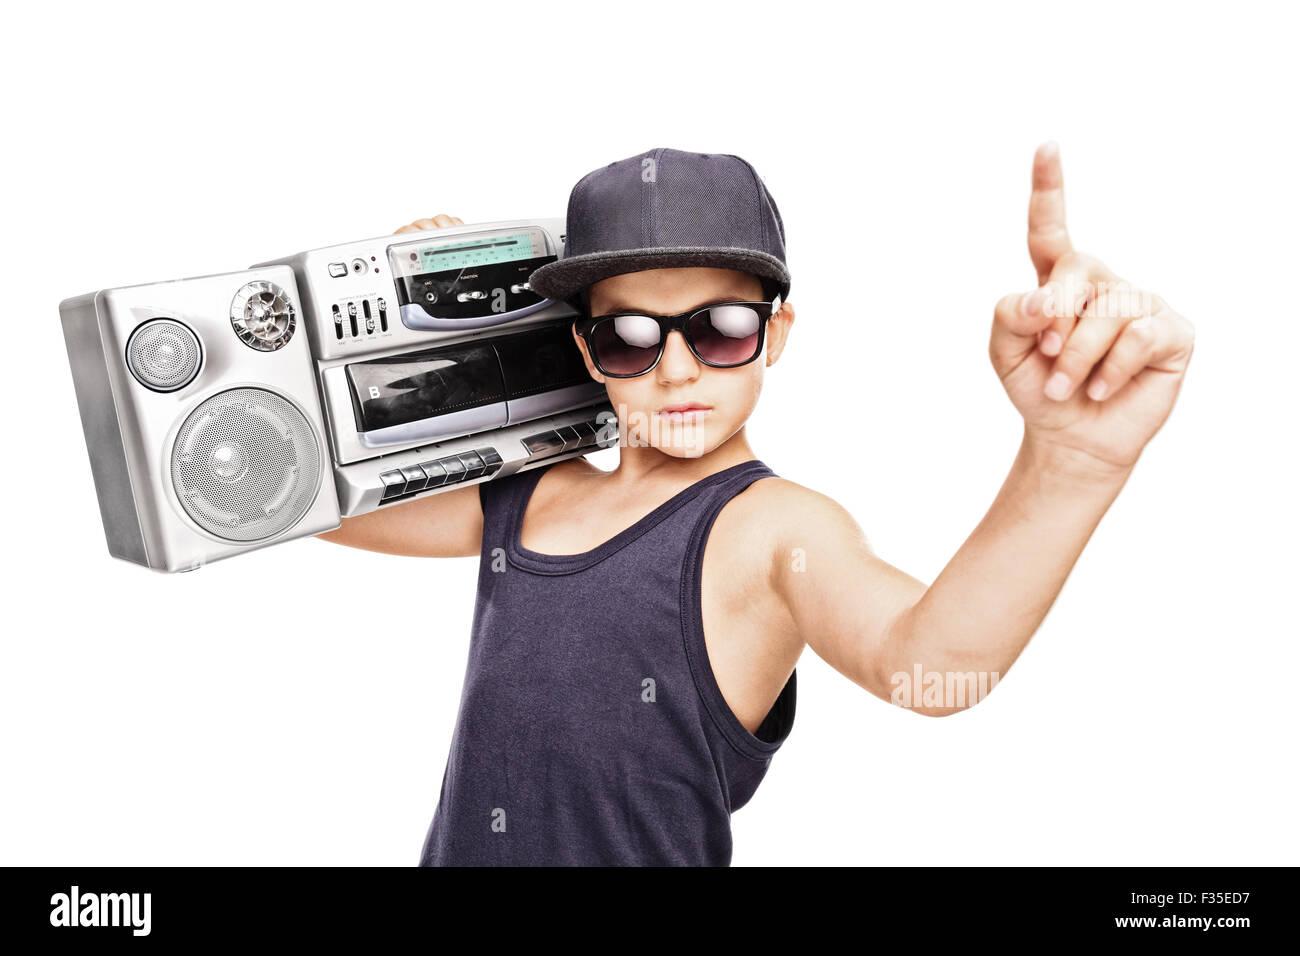 Il rapper Junior portando un ghetto blaster e gesticolando con la sua mano isolati  su sfondo 109dfd712c31